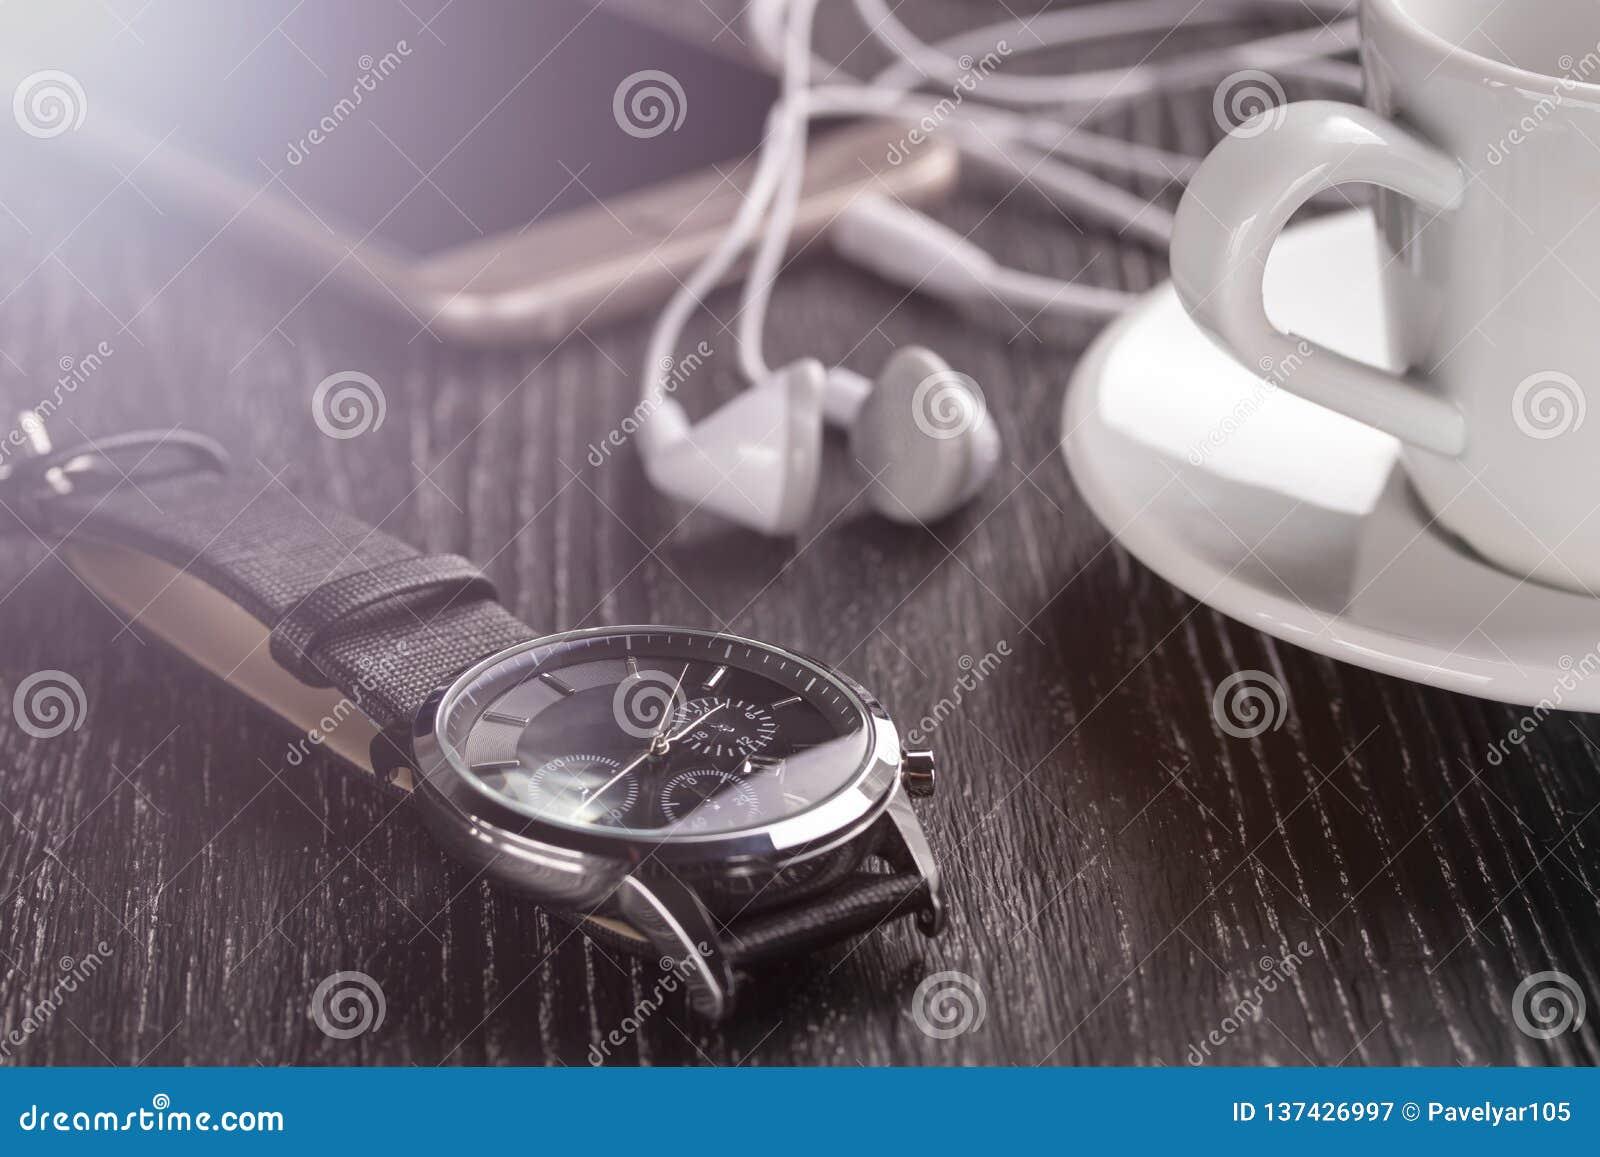 Armbandsur och mobiltelefon med hörlurar och en kopp kaffe på en mörk trätabell